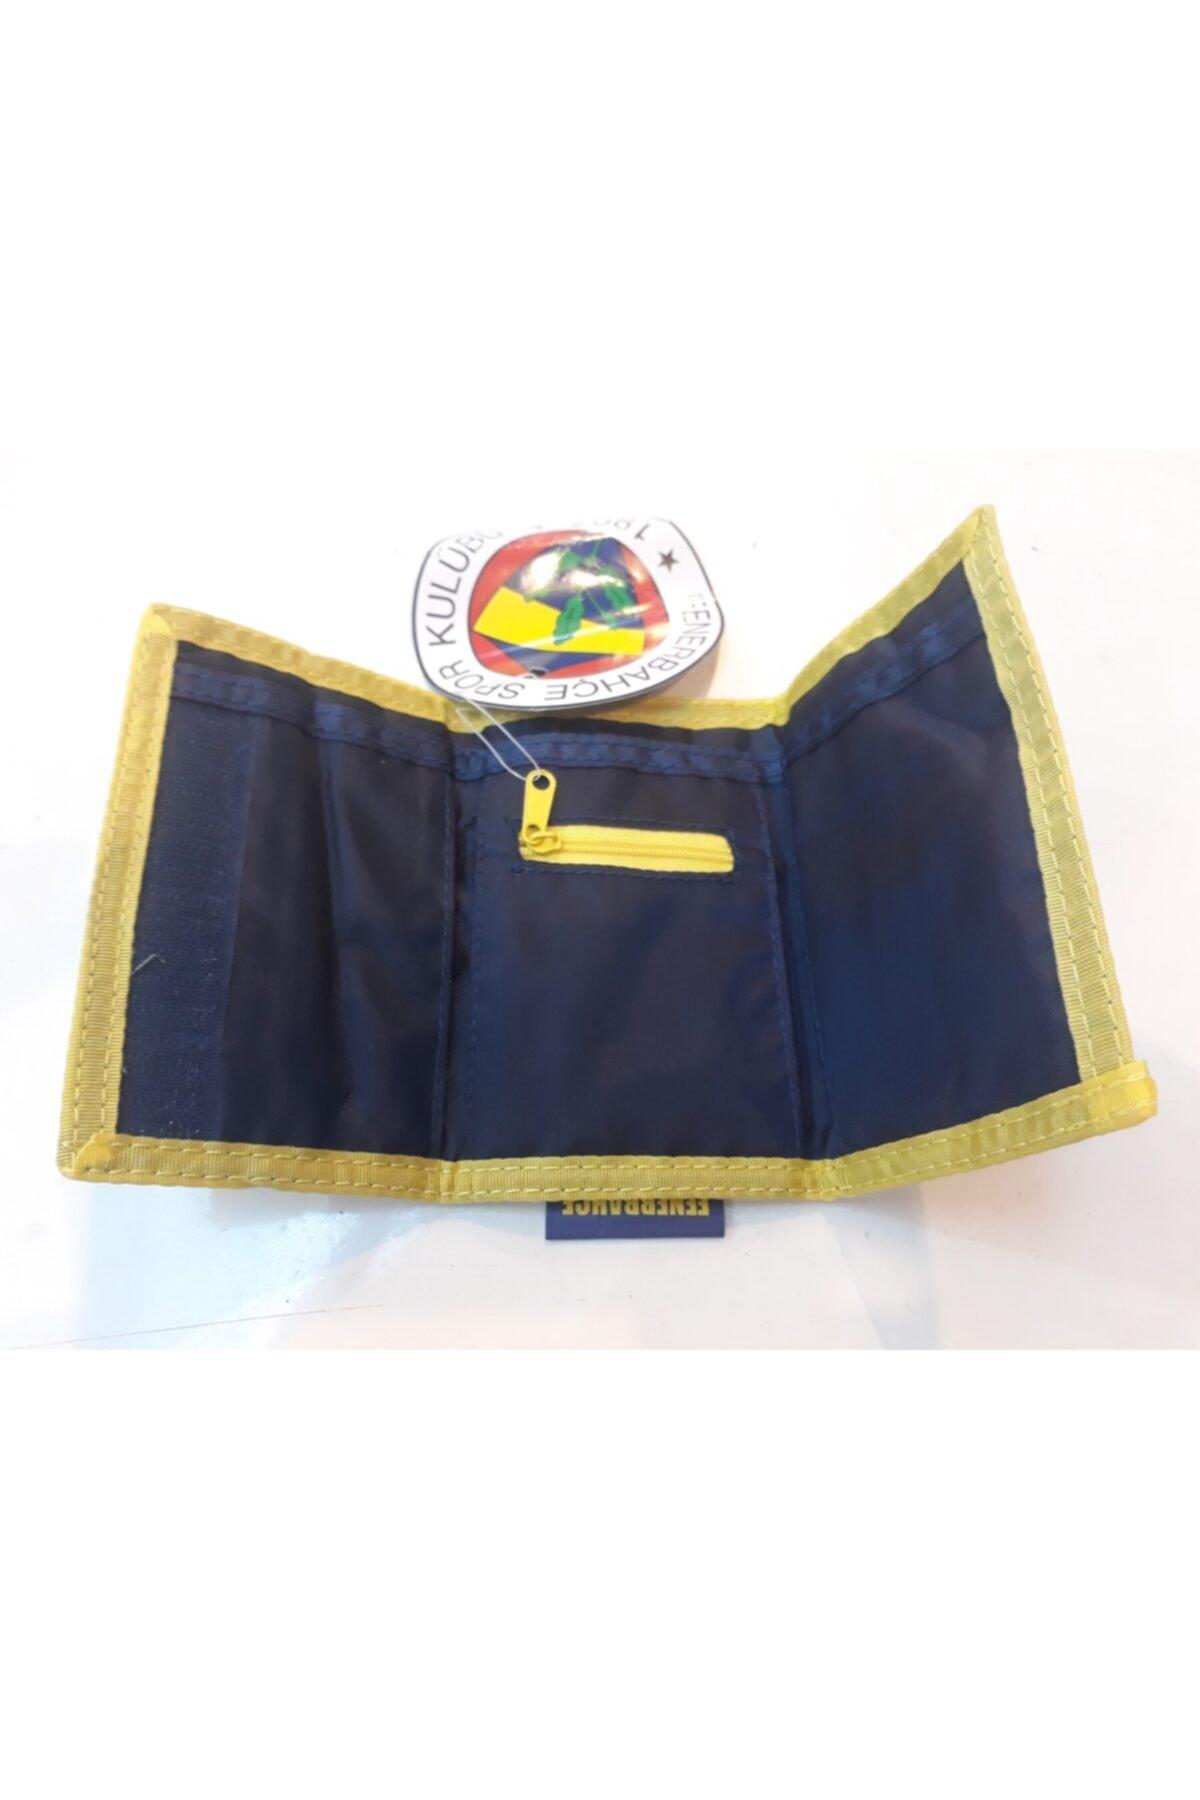 Fenerbahçe Unisex Lacivert Fenerbahçe Taraftar Cüzdanı 5 2